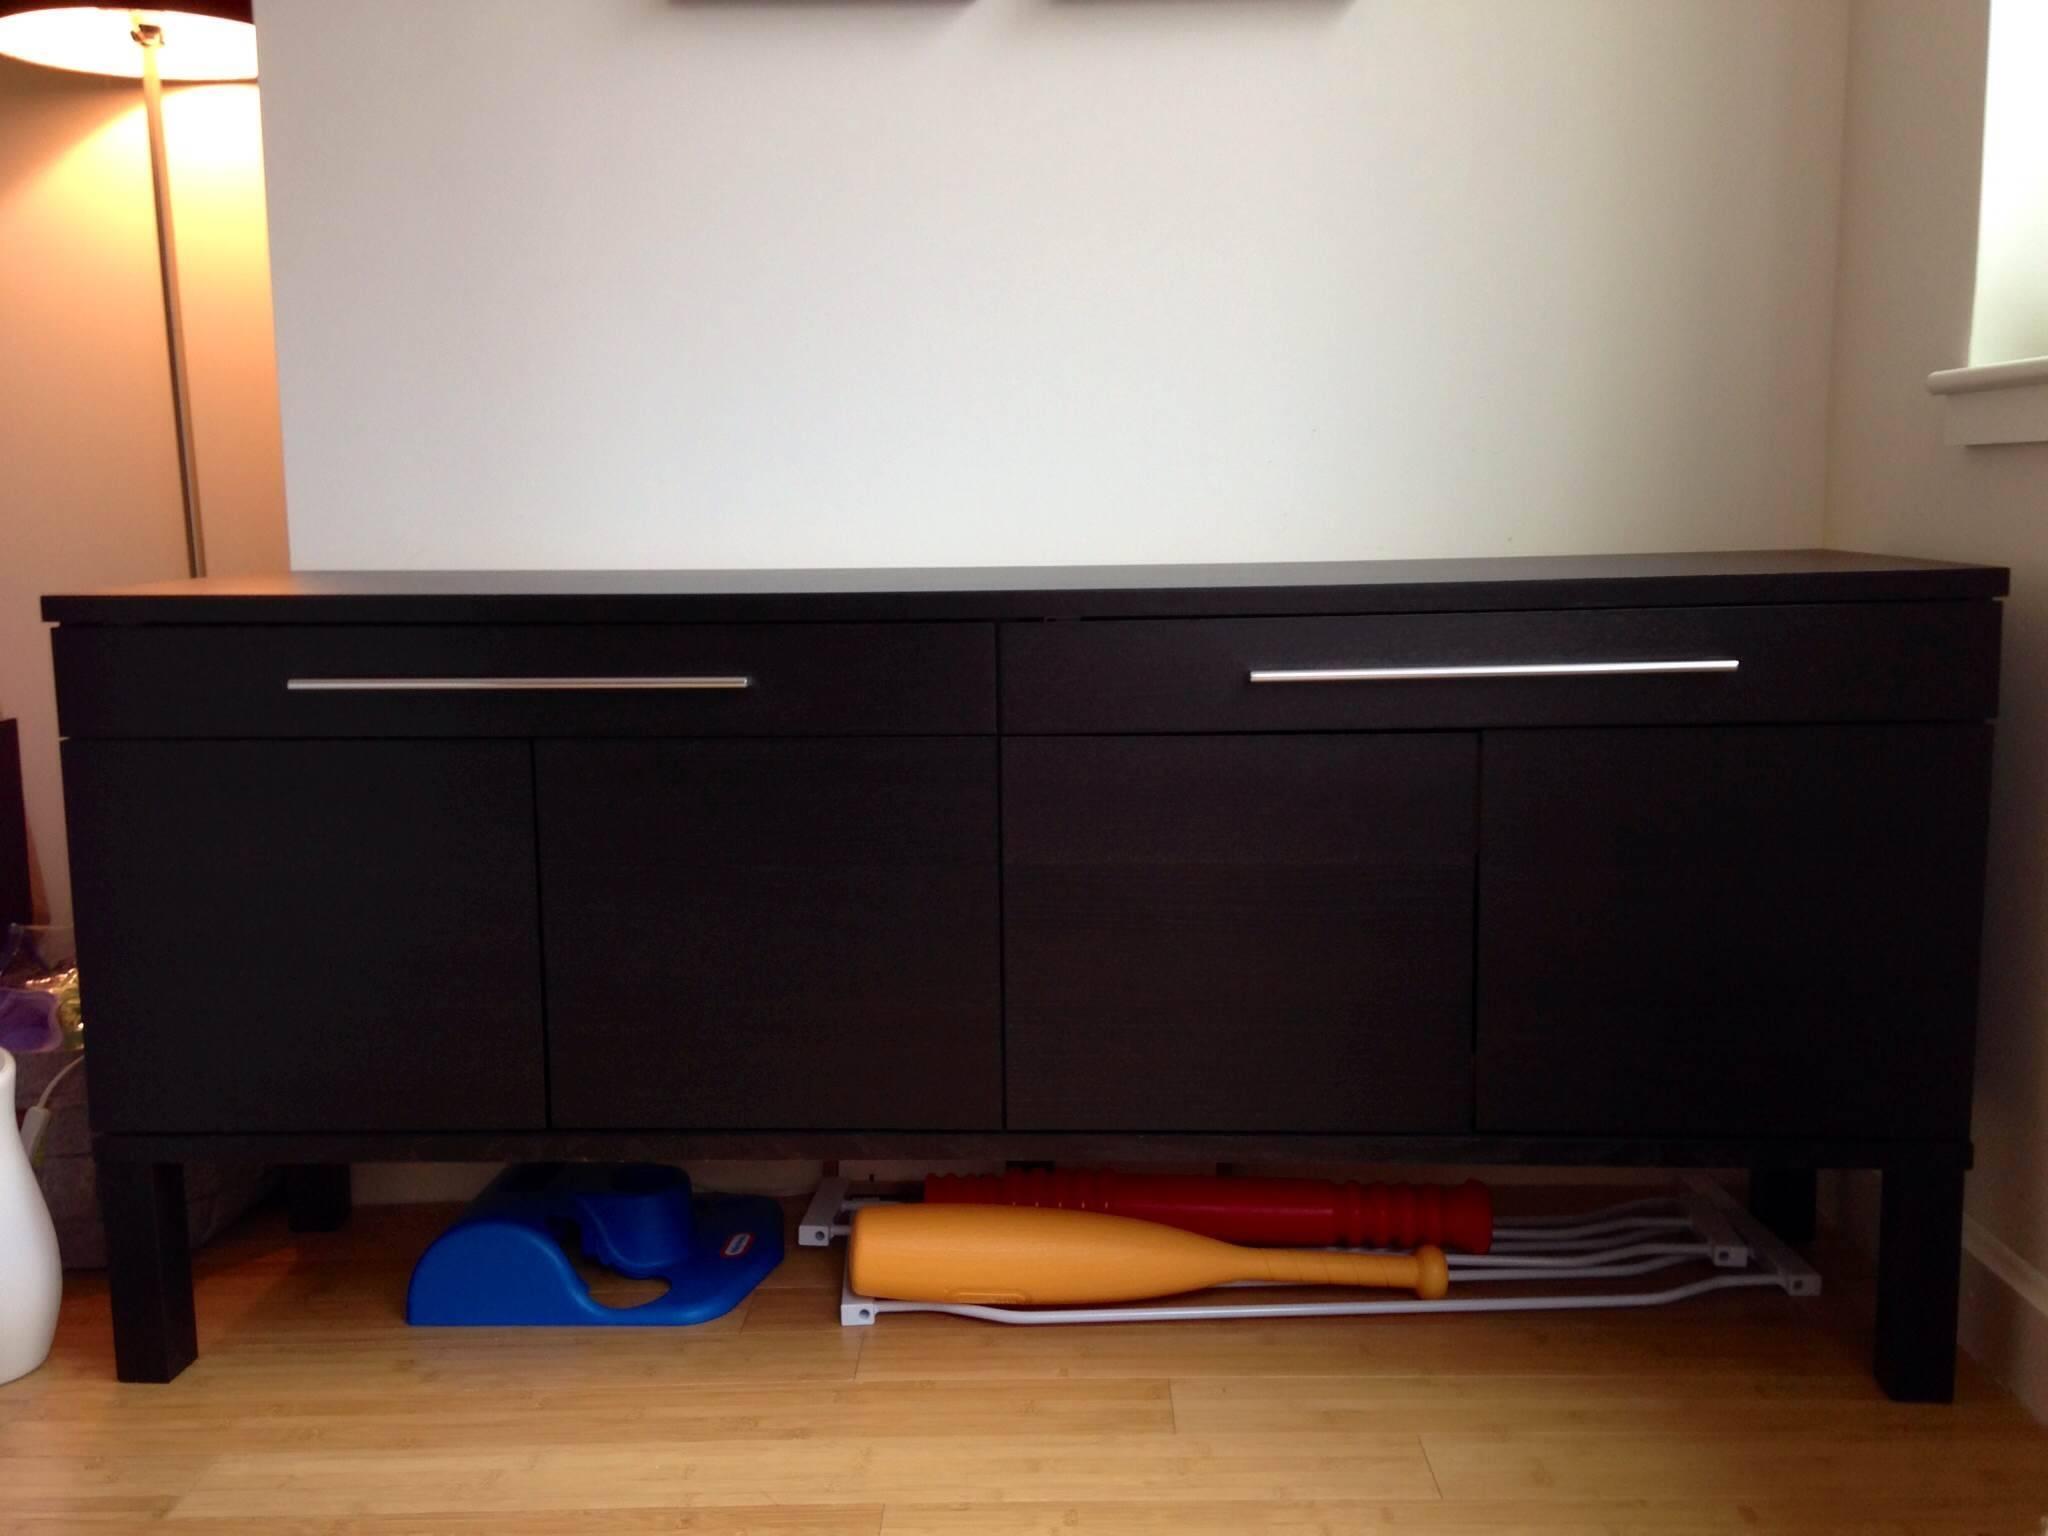 Ikea Bjursta Sideboard Dining Storage, Dark Brown – $100 | Too Big for Bjursta Sideboards (Image 6 of 15)